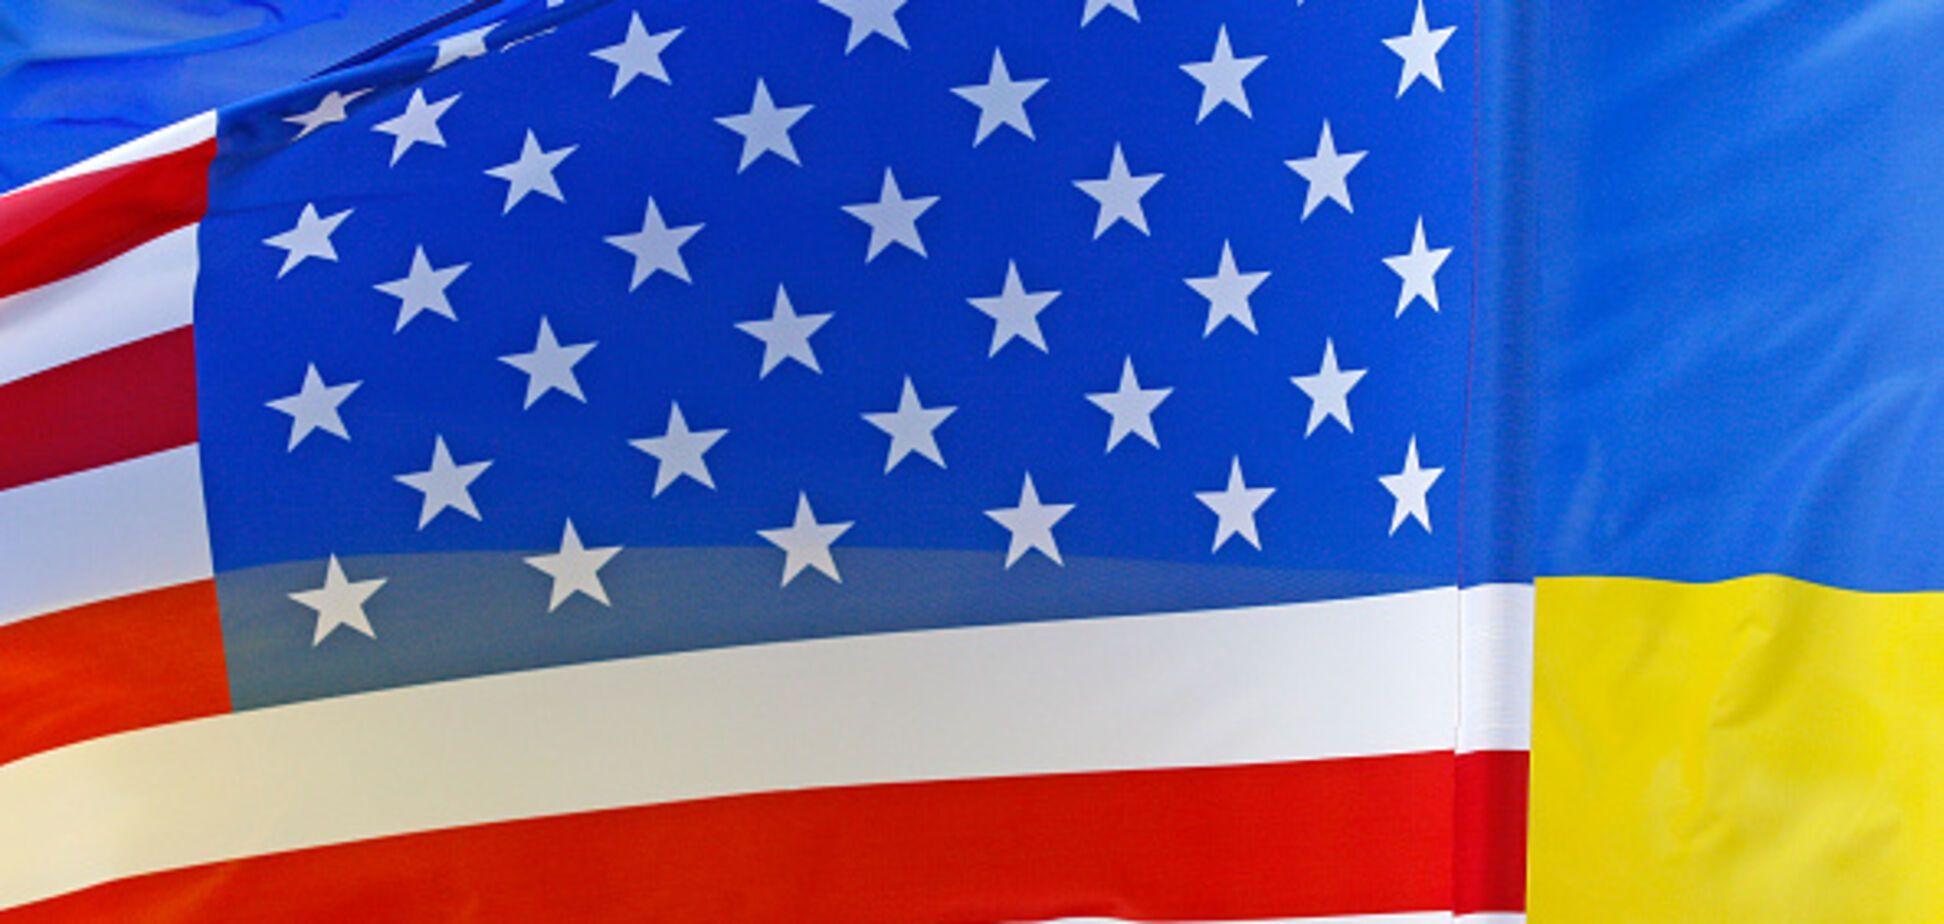 В Конгресс США внесли законопроект о сотрудничестве с Украиной